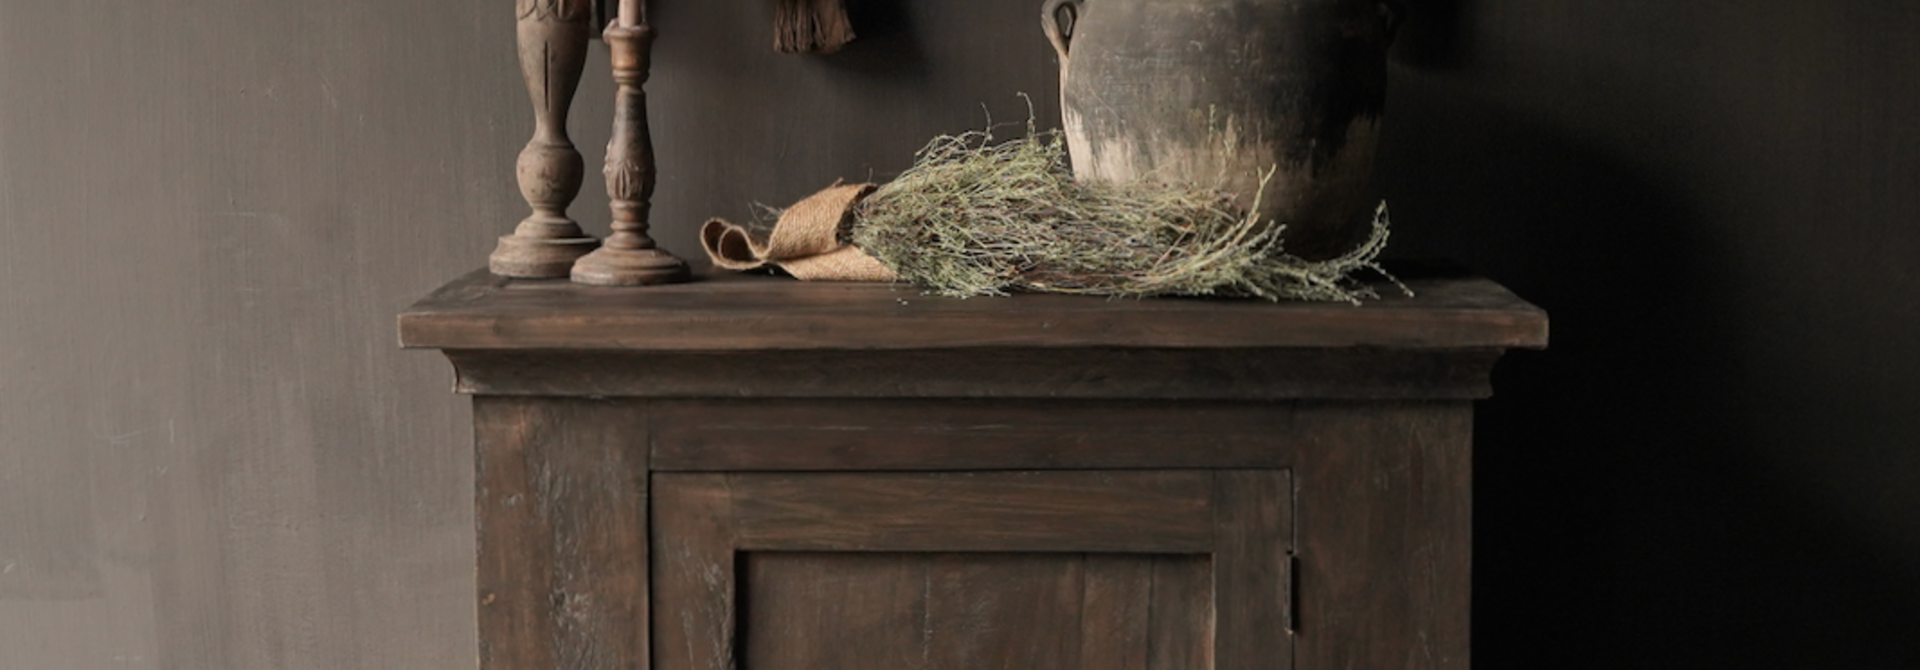 Robuster ländlicher alter Holzschrank